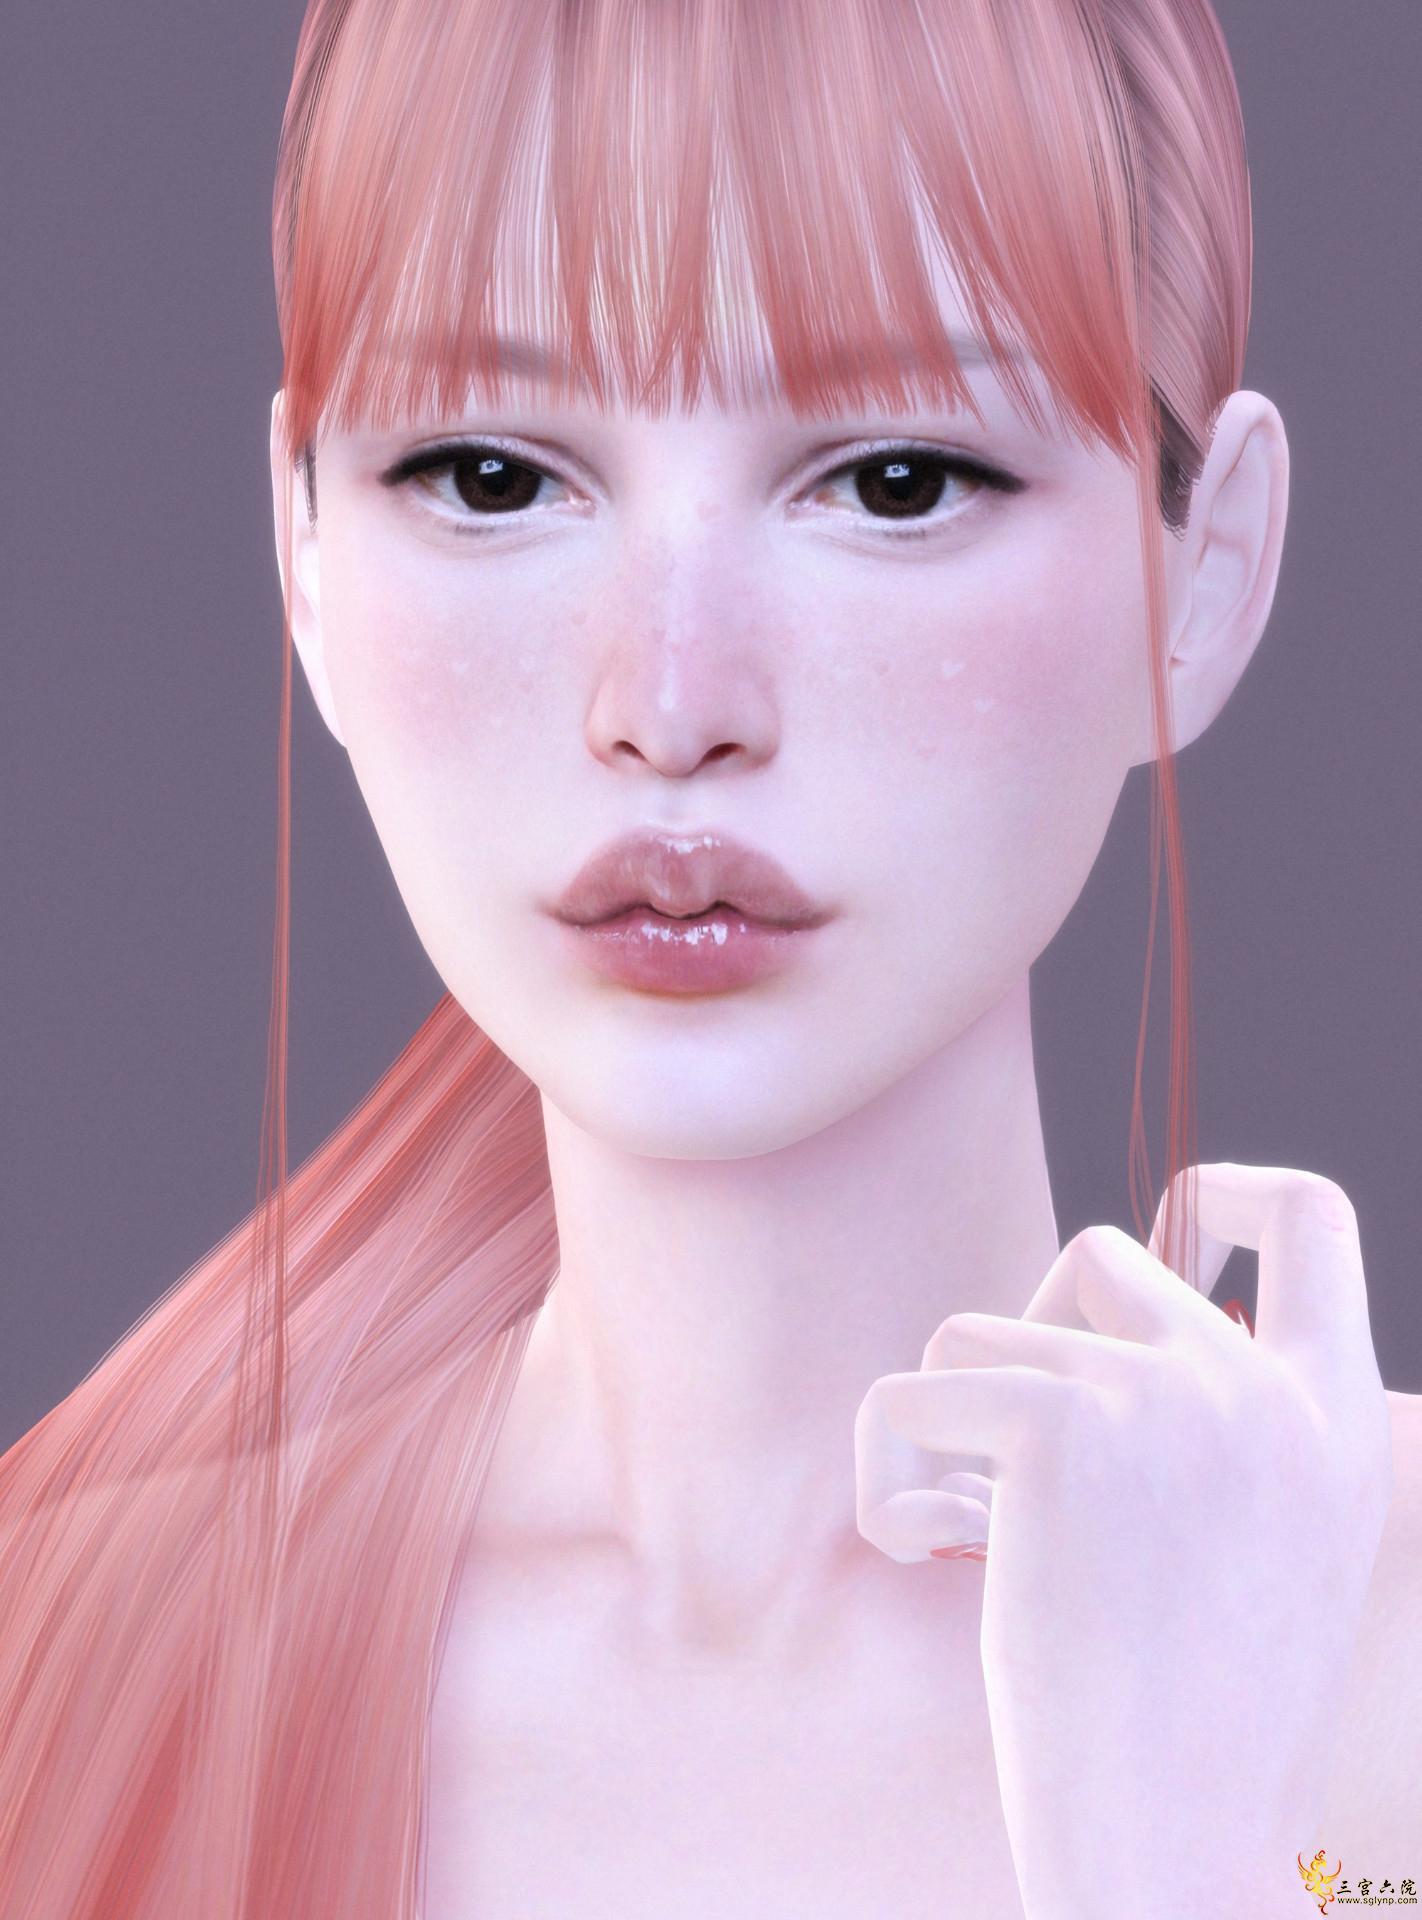 Sims 4 Screenshot 2021.05.30 - 19.58.57.30.png